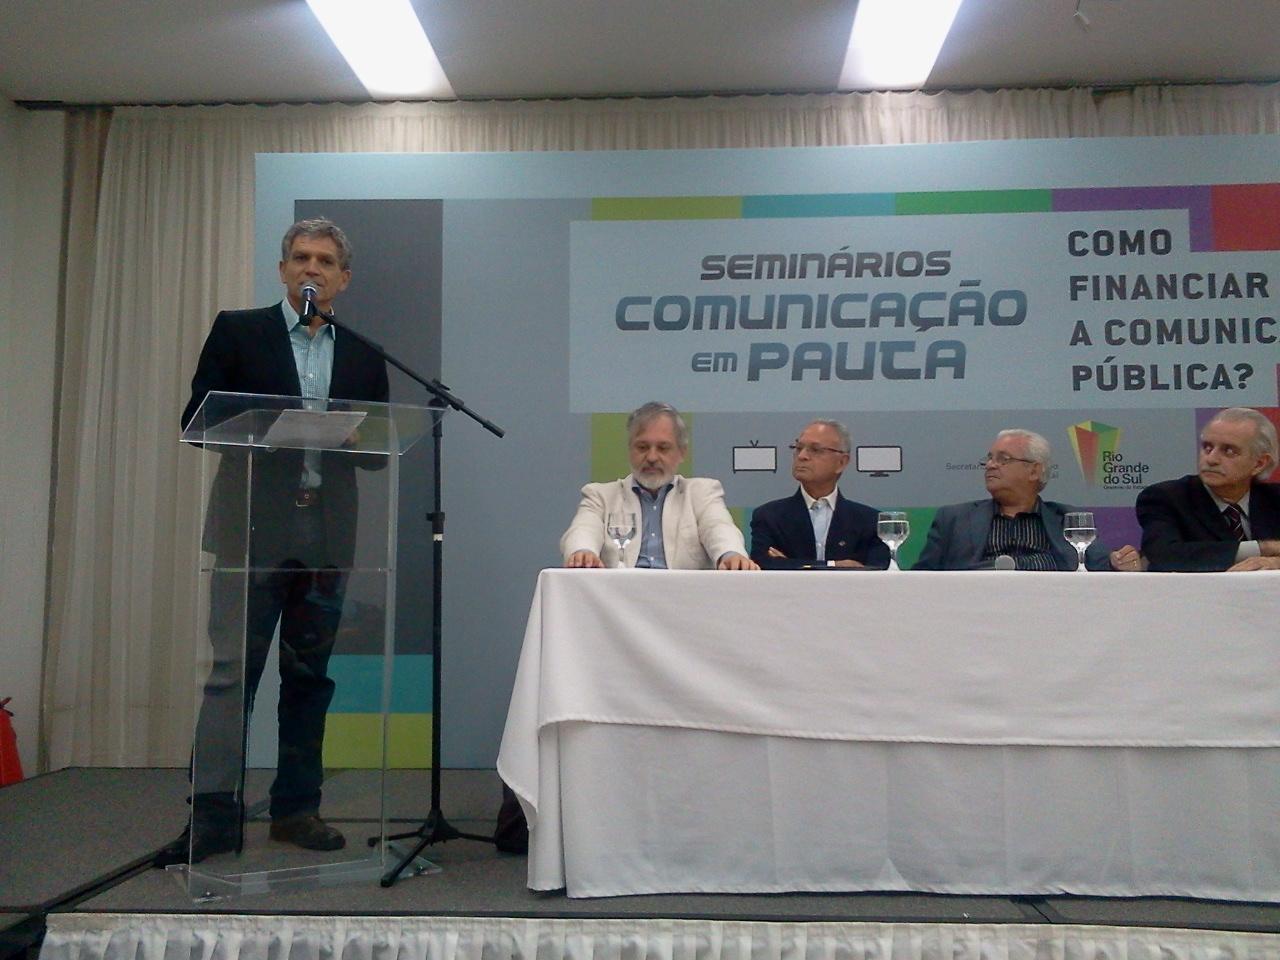 """Seminário """"Como Financiar a Comunicação Pública?"""""""